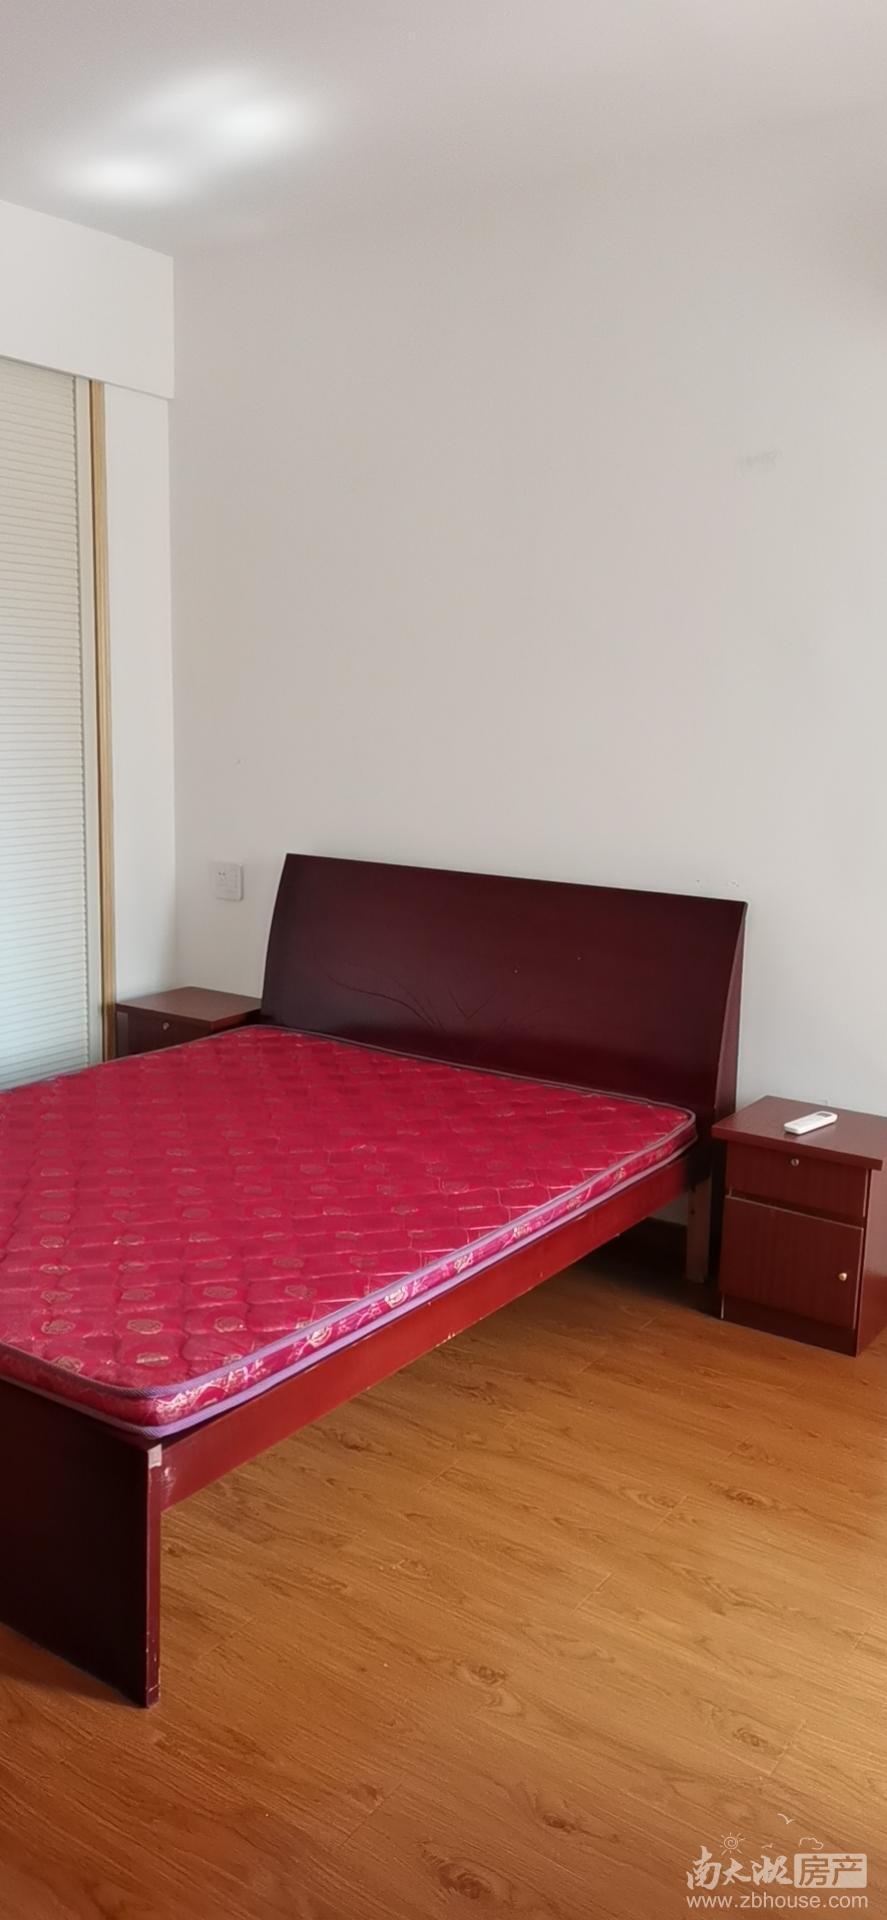 双渎家园,精装,两室两厅一厨卫,家具家电齐全拎包入住